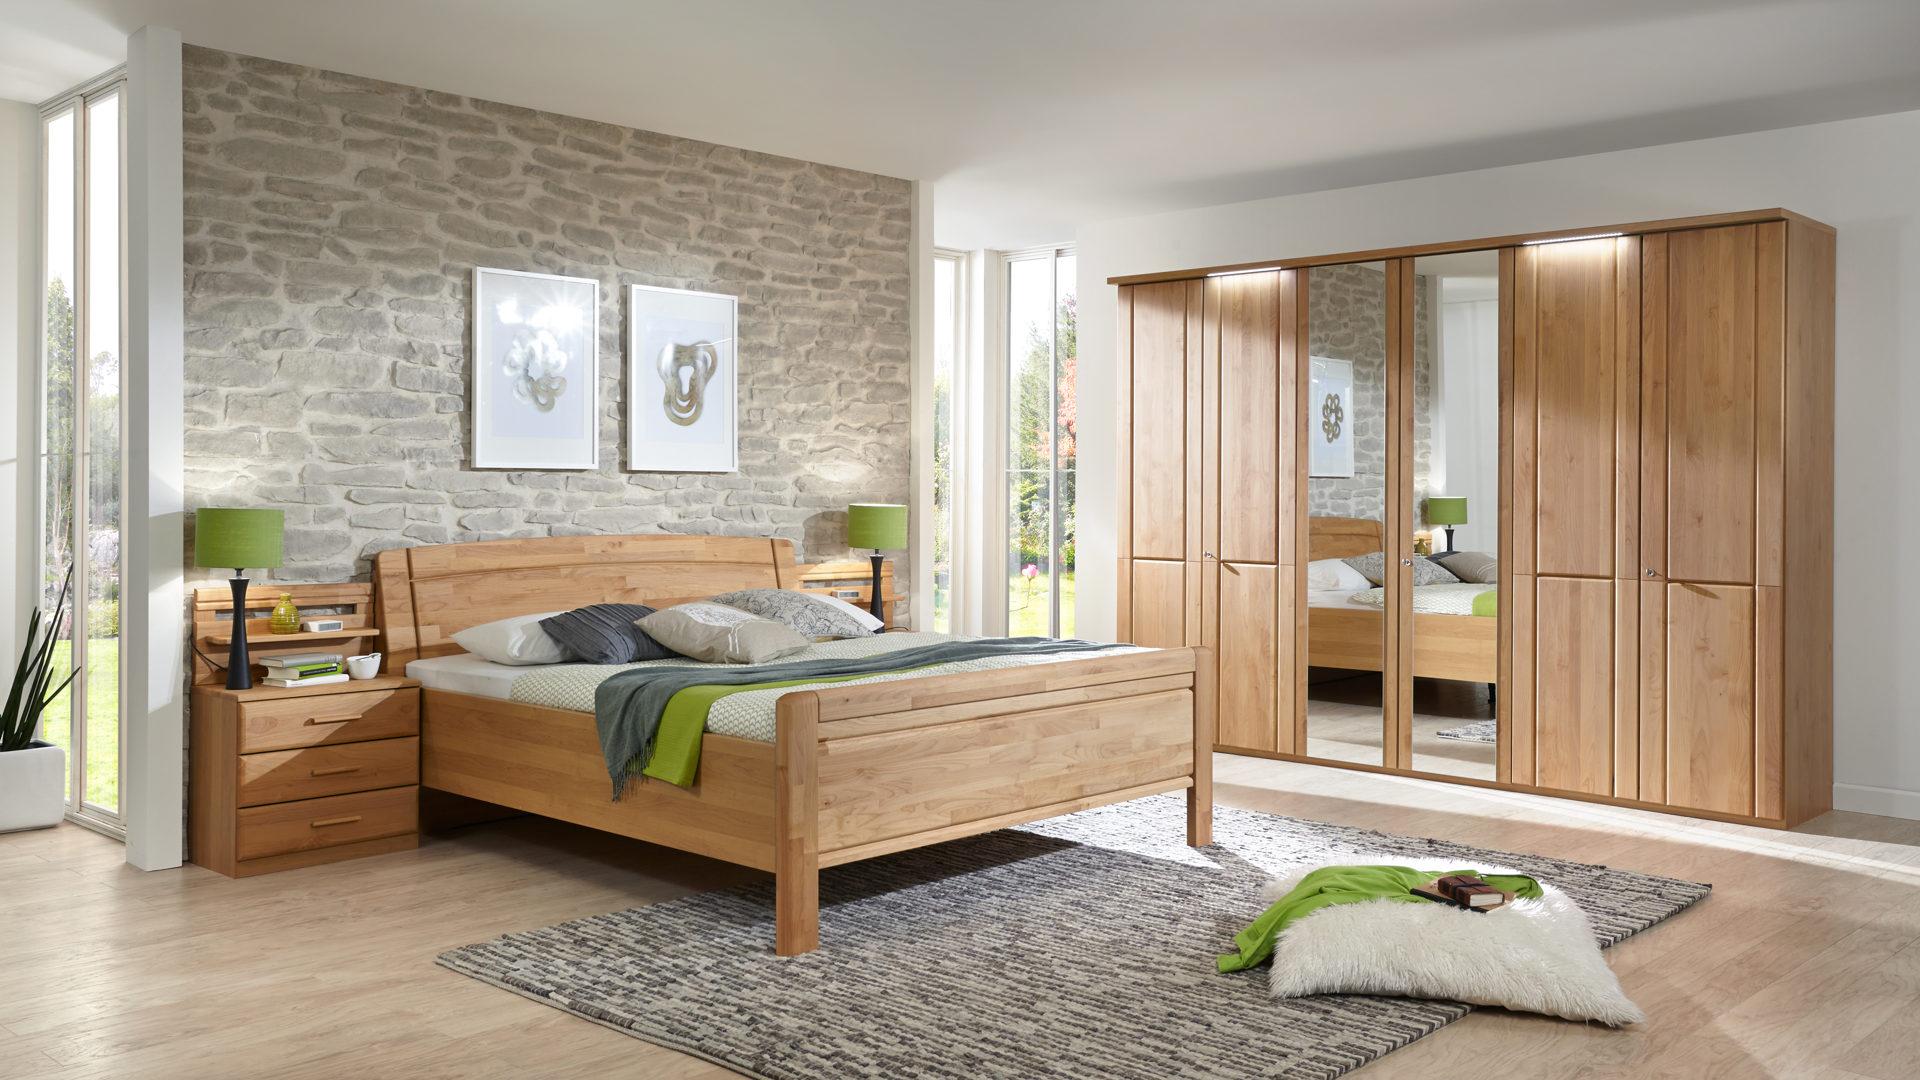 Wohnland Breitwieser | Räume | Schlafzimmer | Komplettzimmer ...